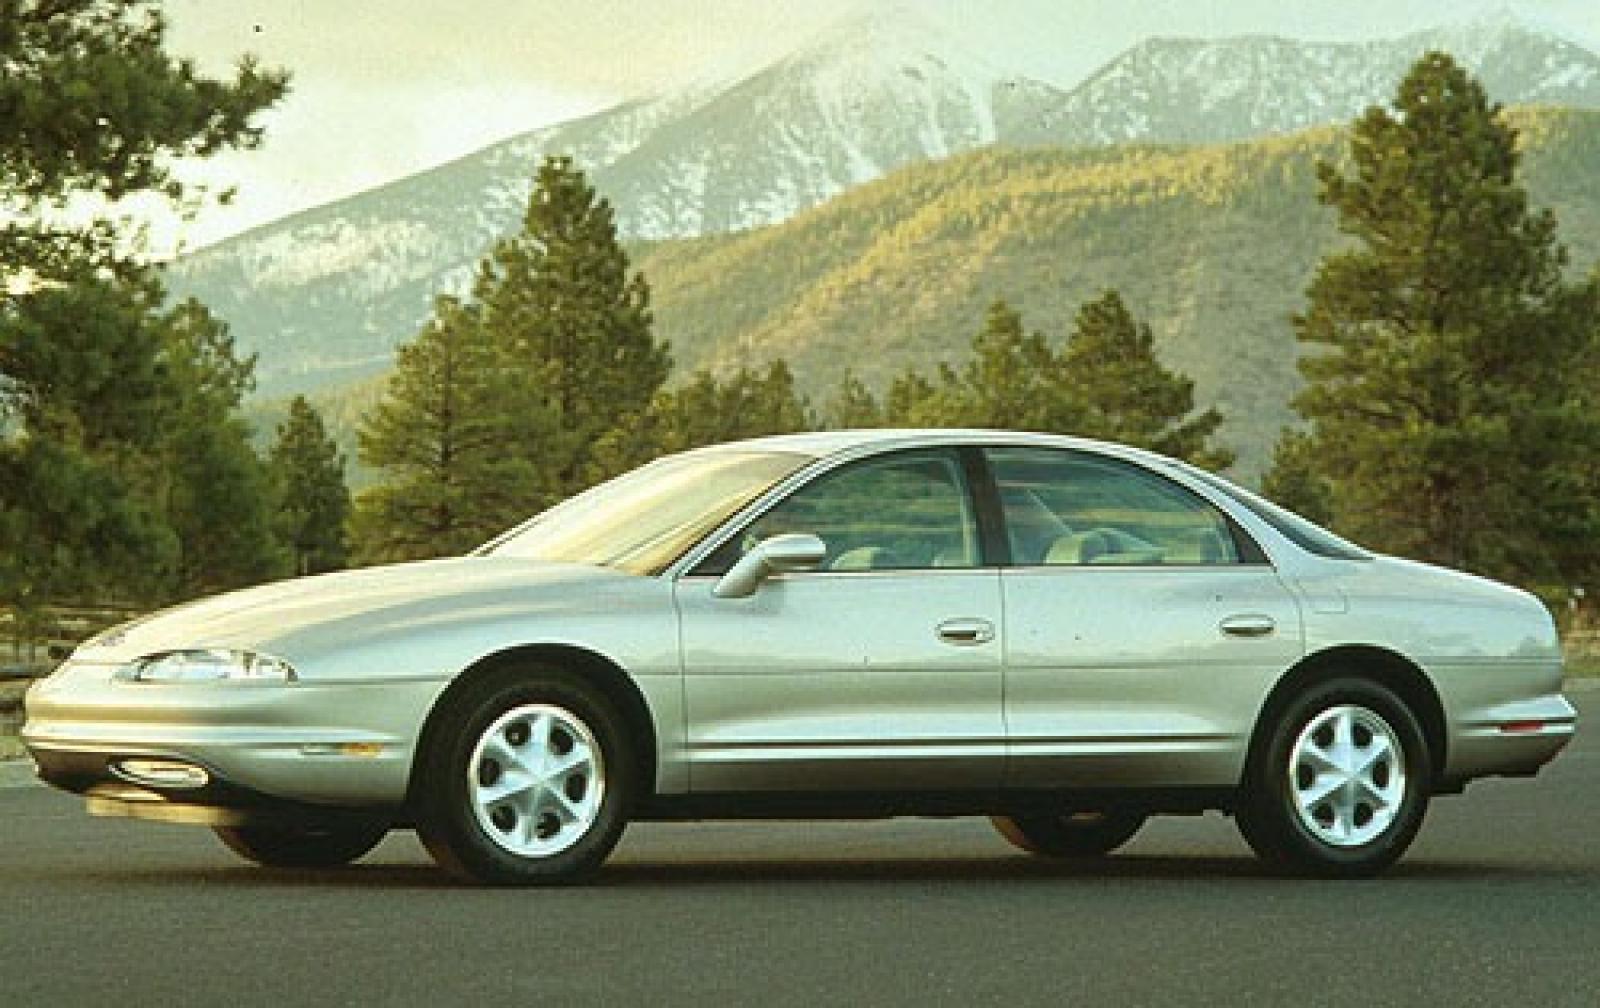 1997 Oldsmobile Aurora #1 800 1024 1280 1600 origin